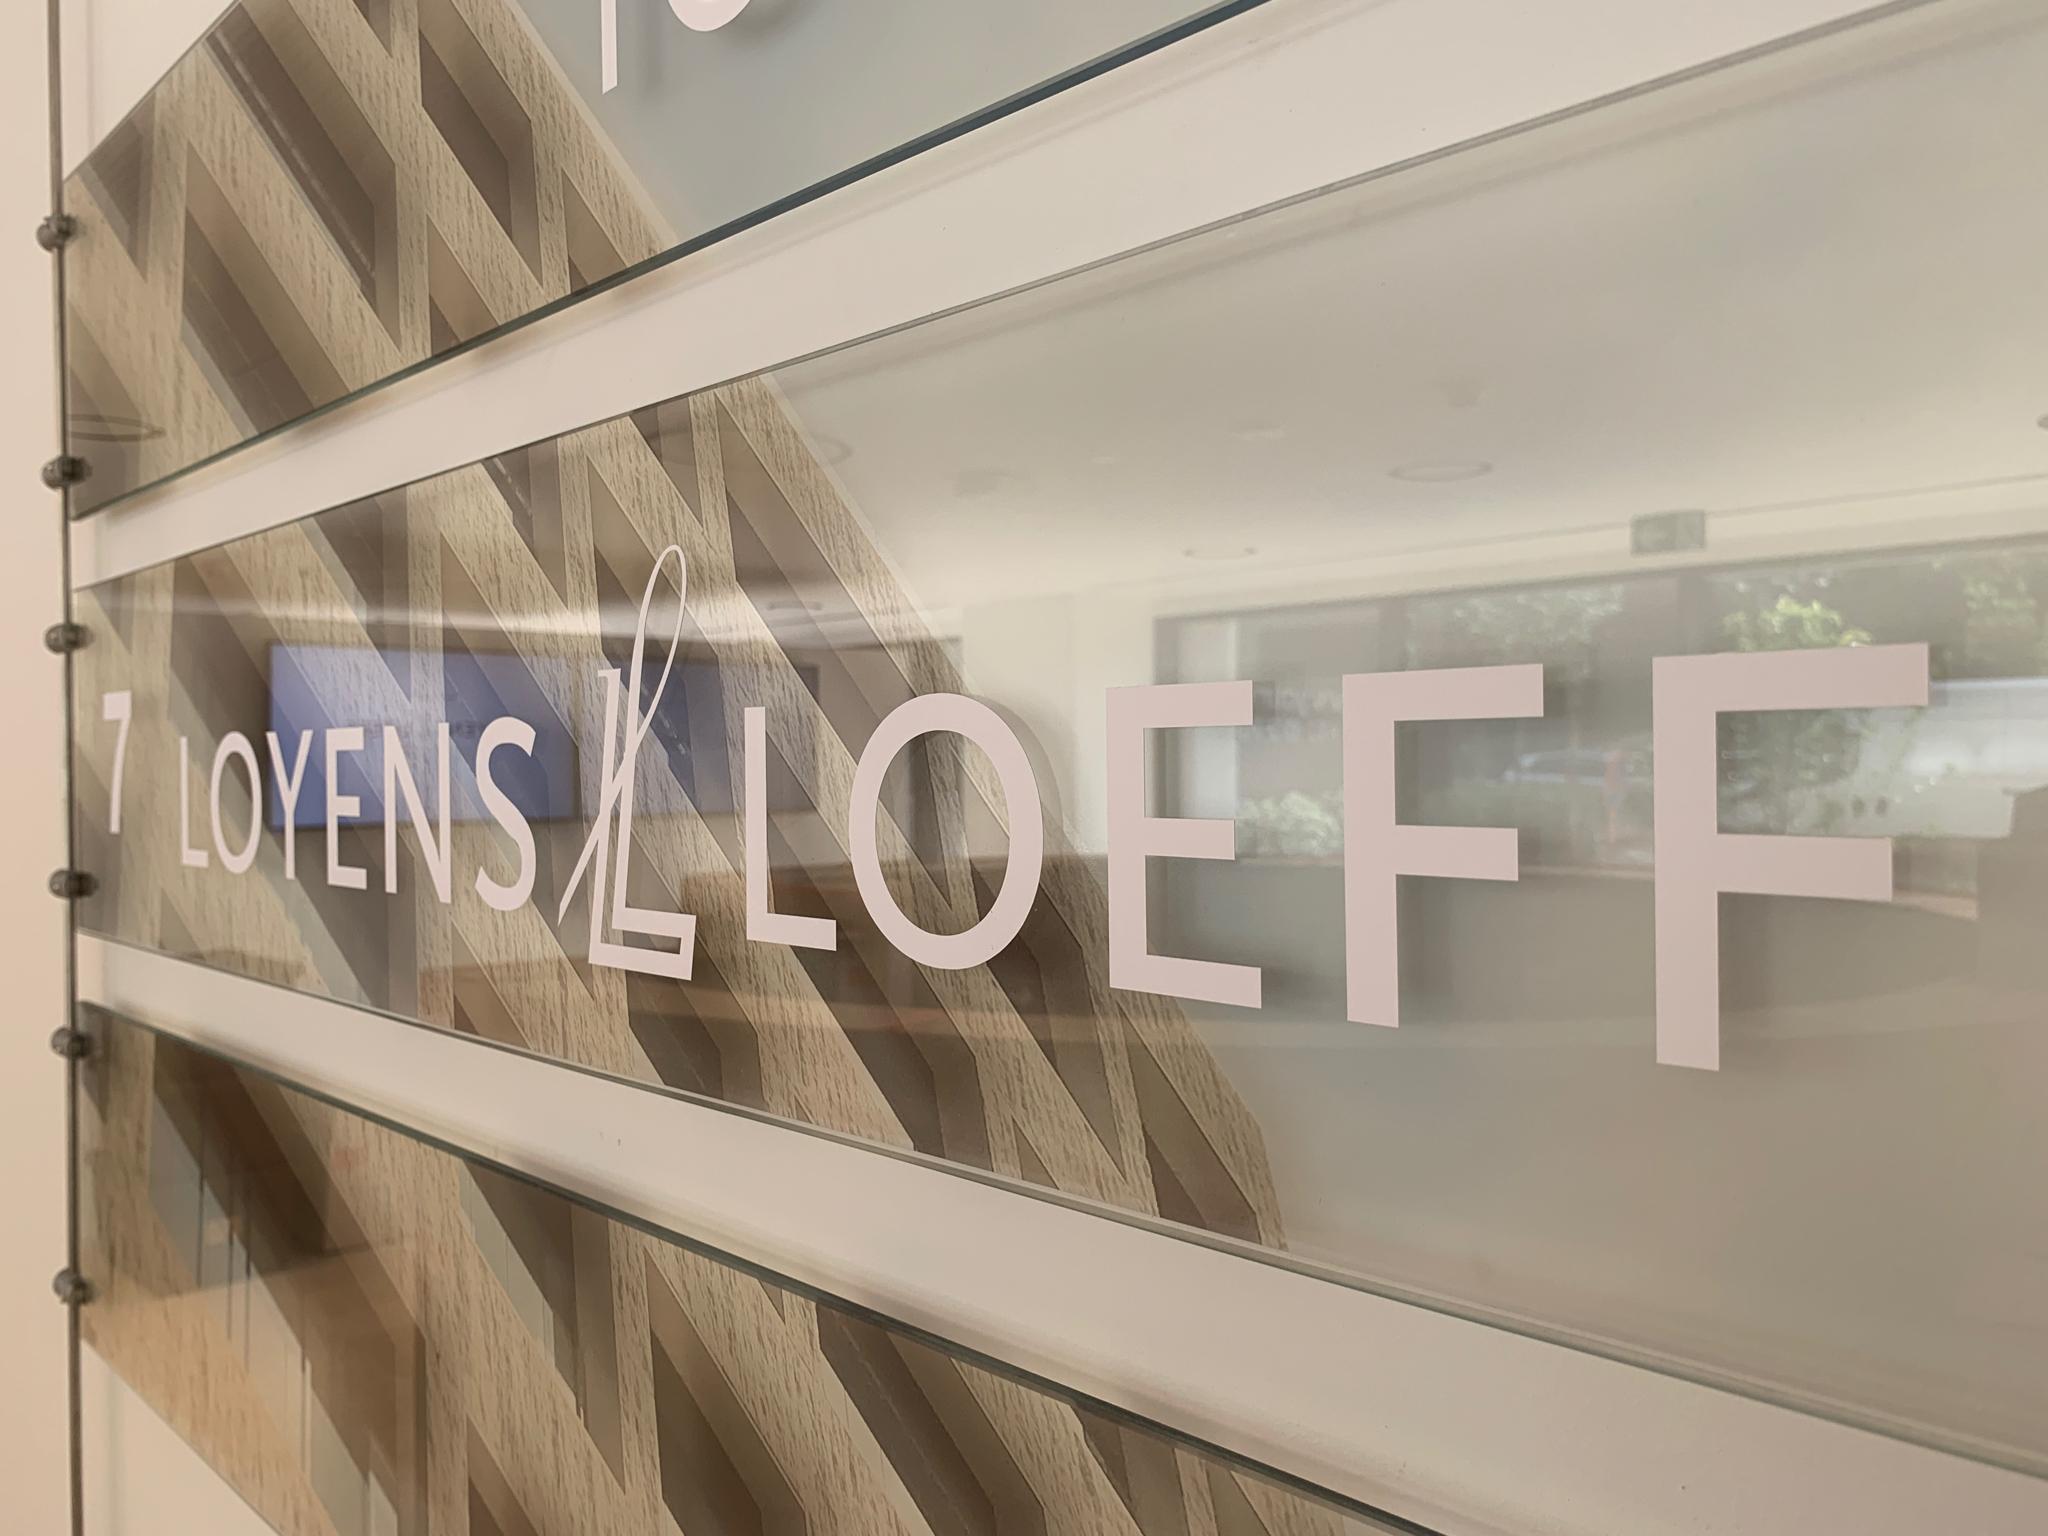 Wayfinding – signalisatiebord met implementatie van het logo van loyens loeff by actual sign member of the remotec group, aangepast aan de huisstijl van het gebouw